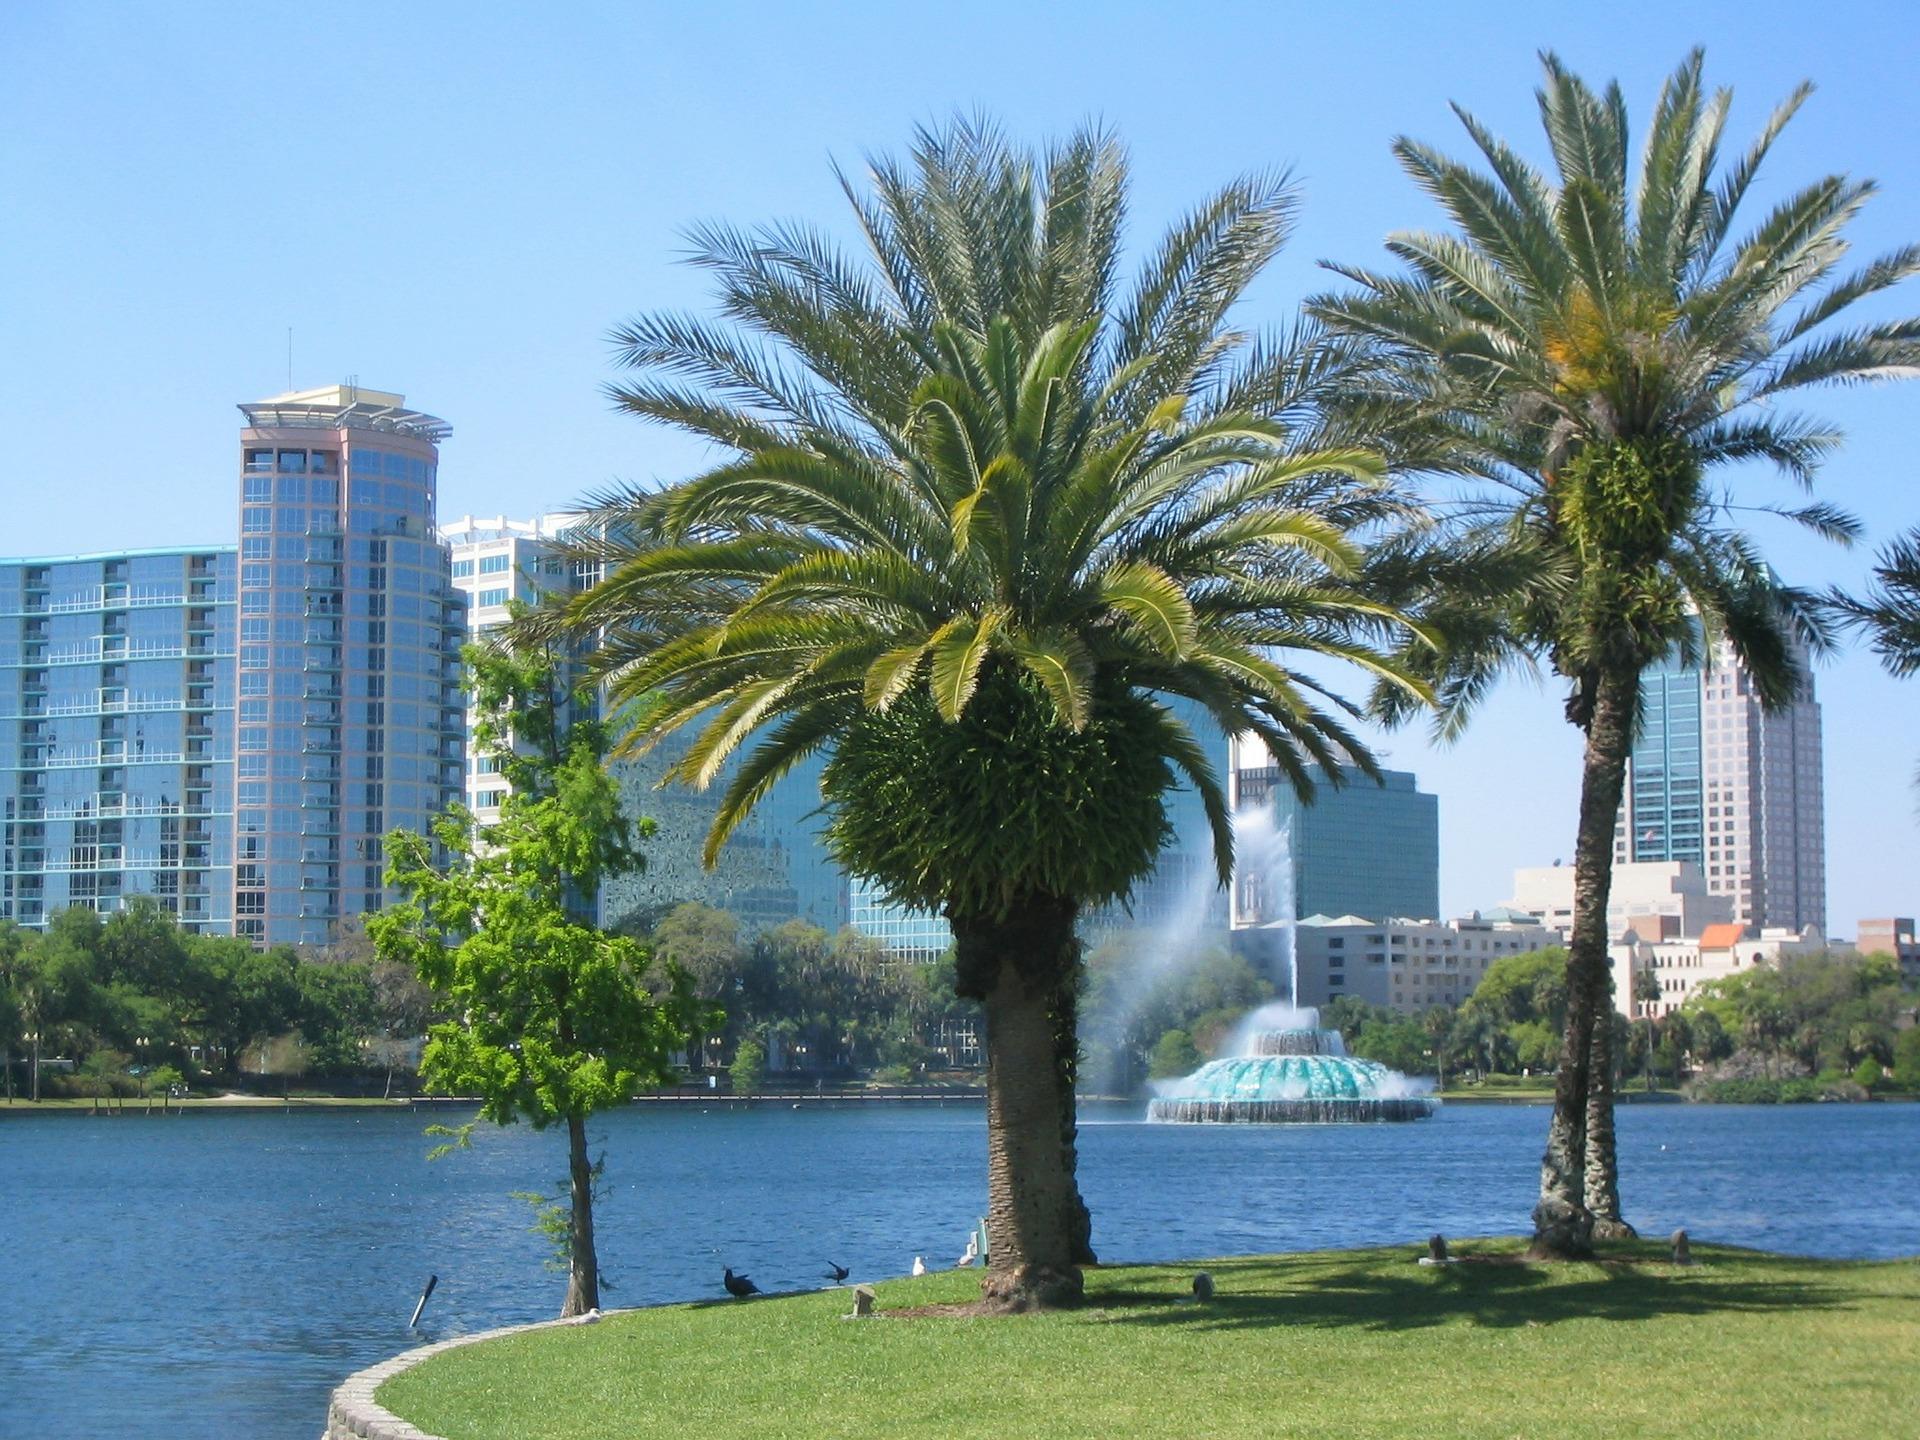 Städtereise nach Orlando - eine Woche Florida ab 579,00€